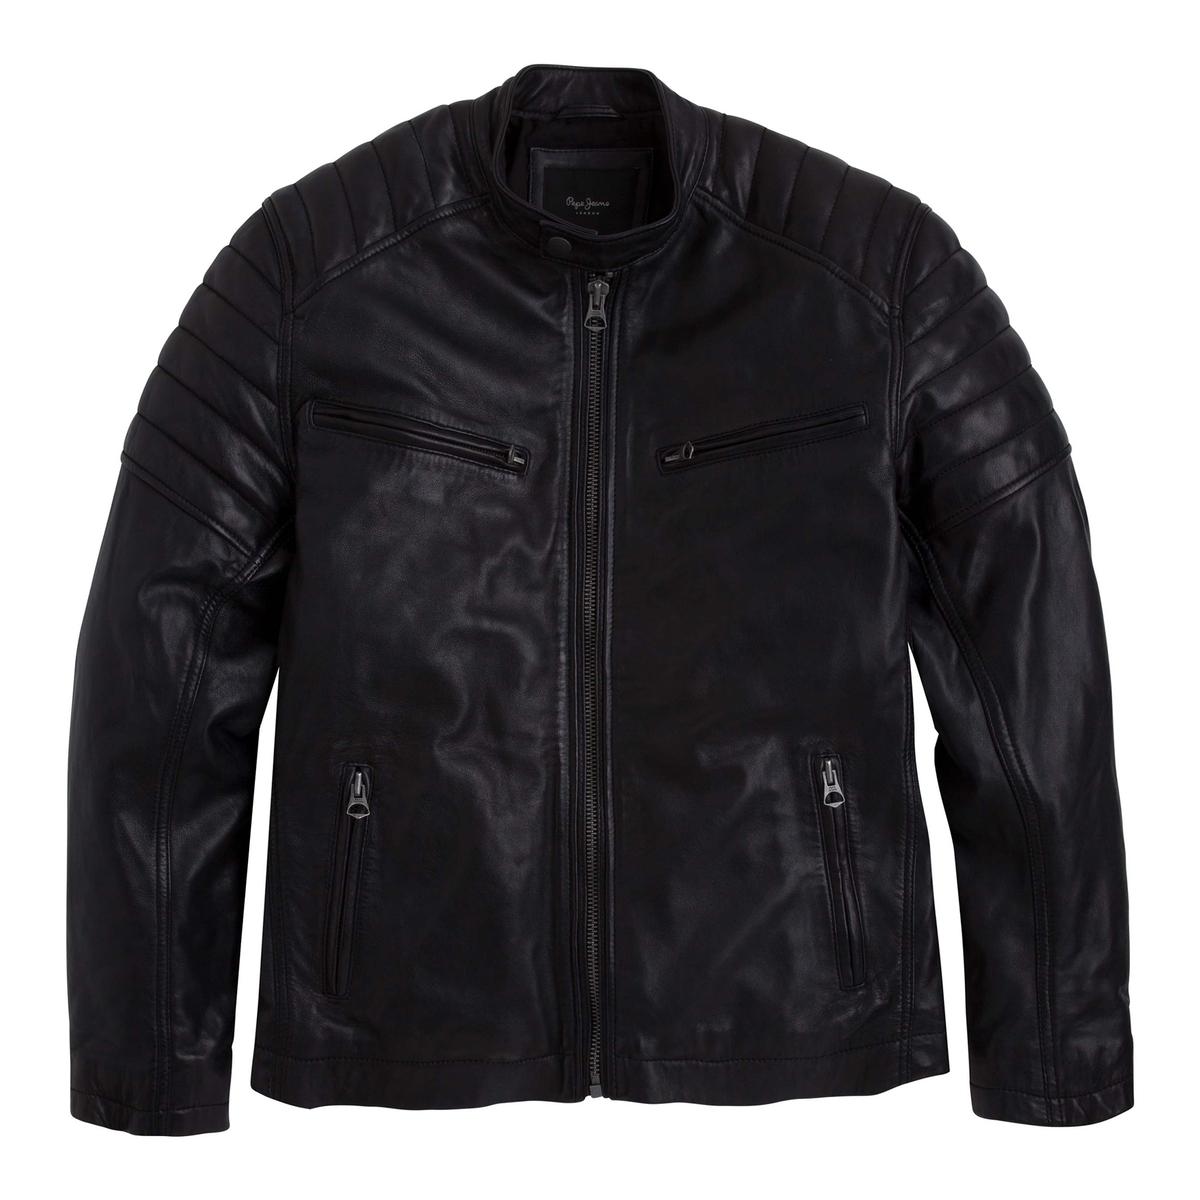 Блузон кожаный короткий на молнии в байкерском стиле блузон короткий демисезонный